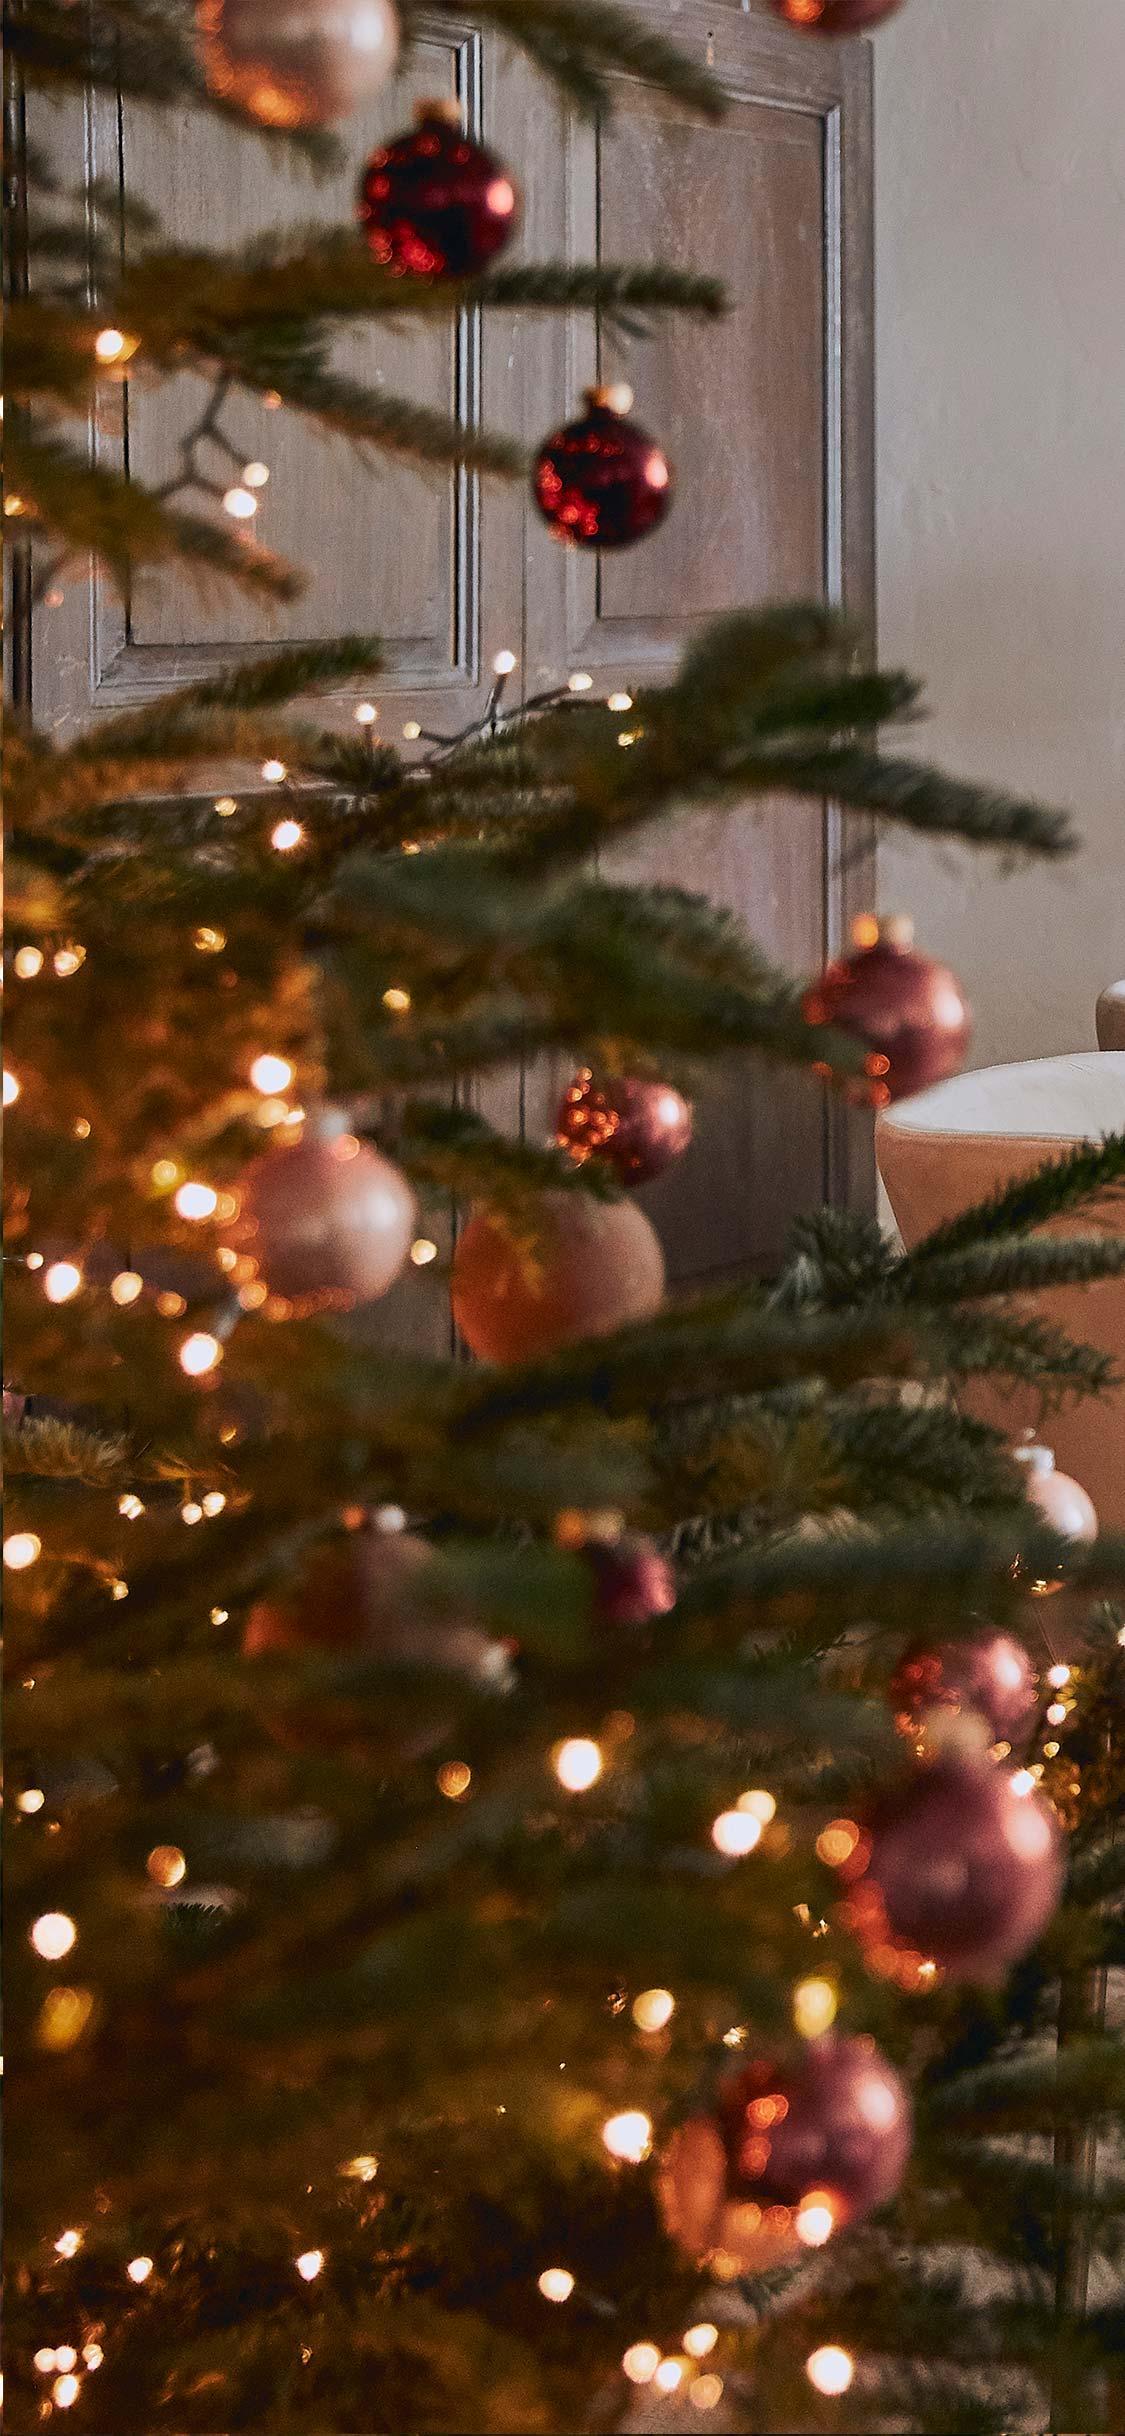 kerst telefoonachtergrond